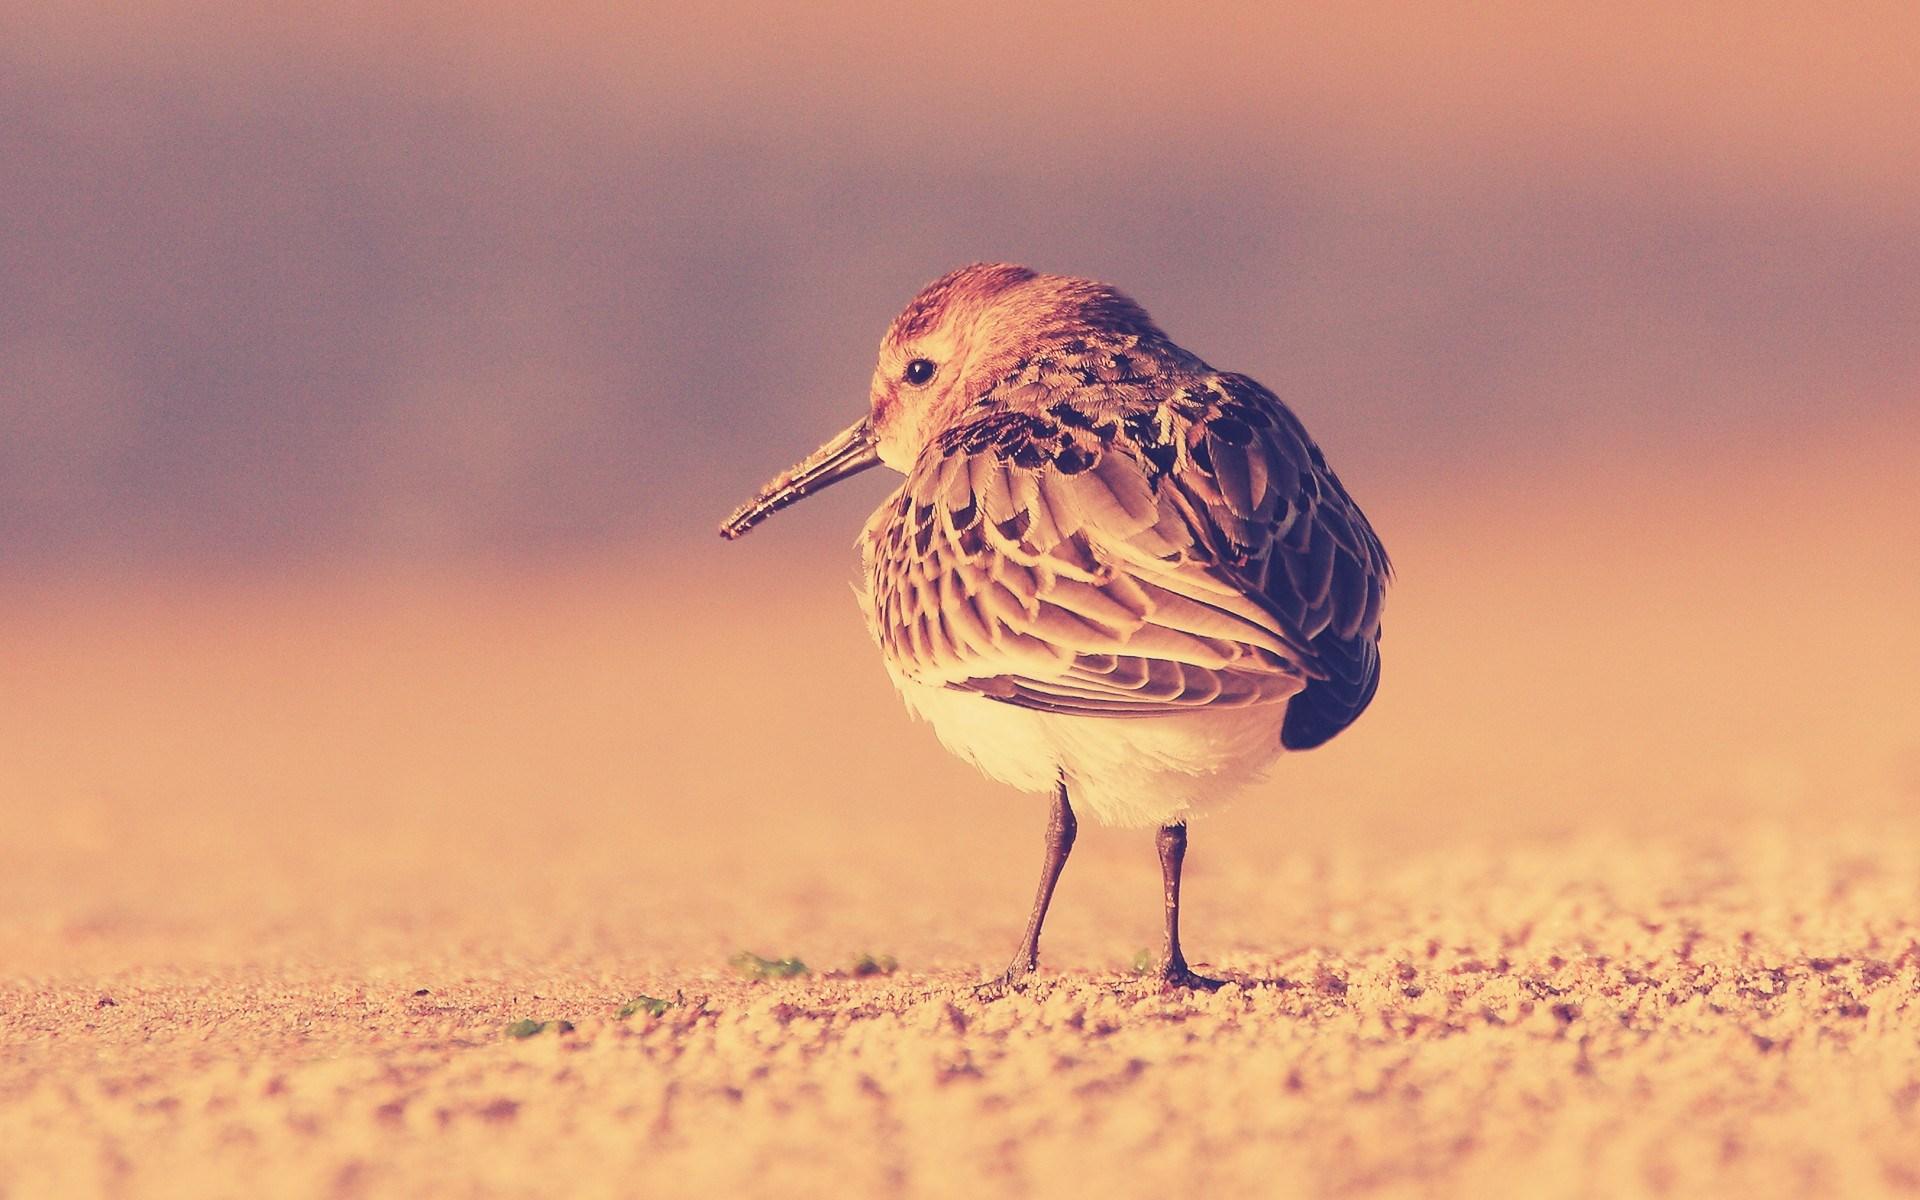 Bird Wallpaper Download - HD Desktop Wallpapers